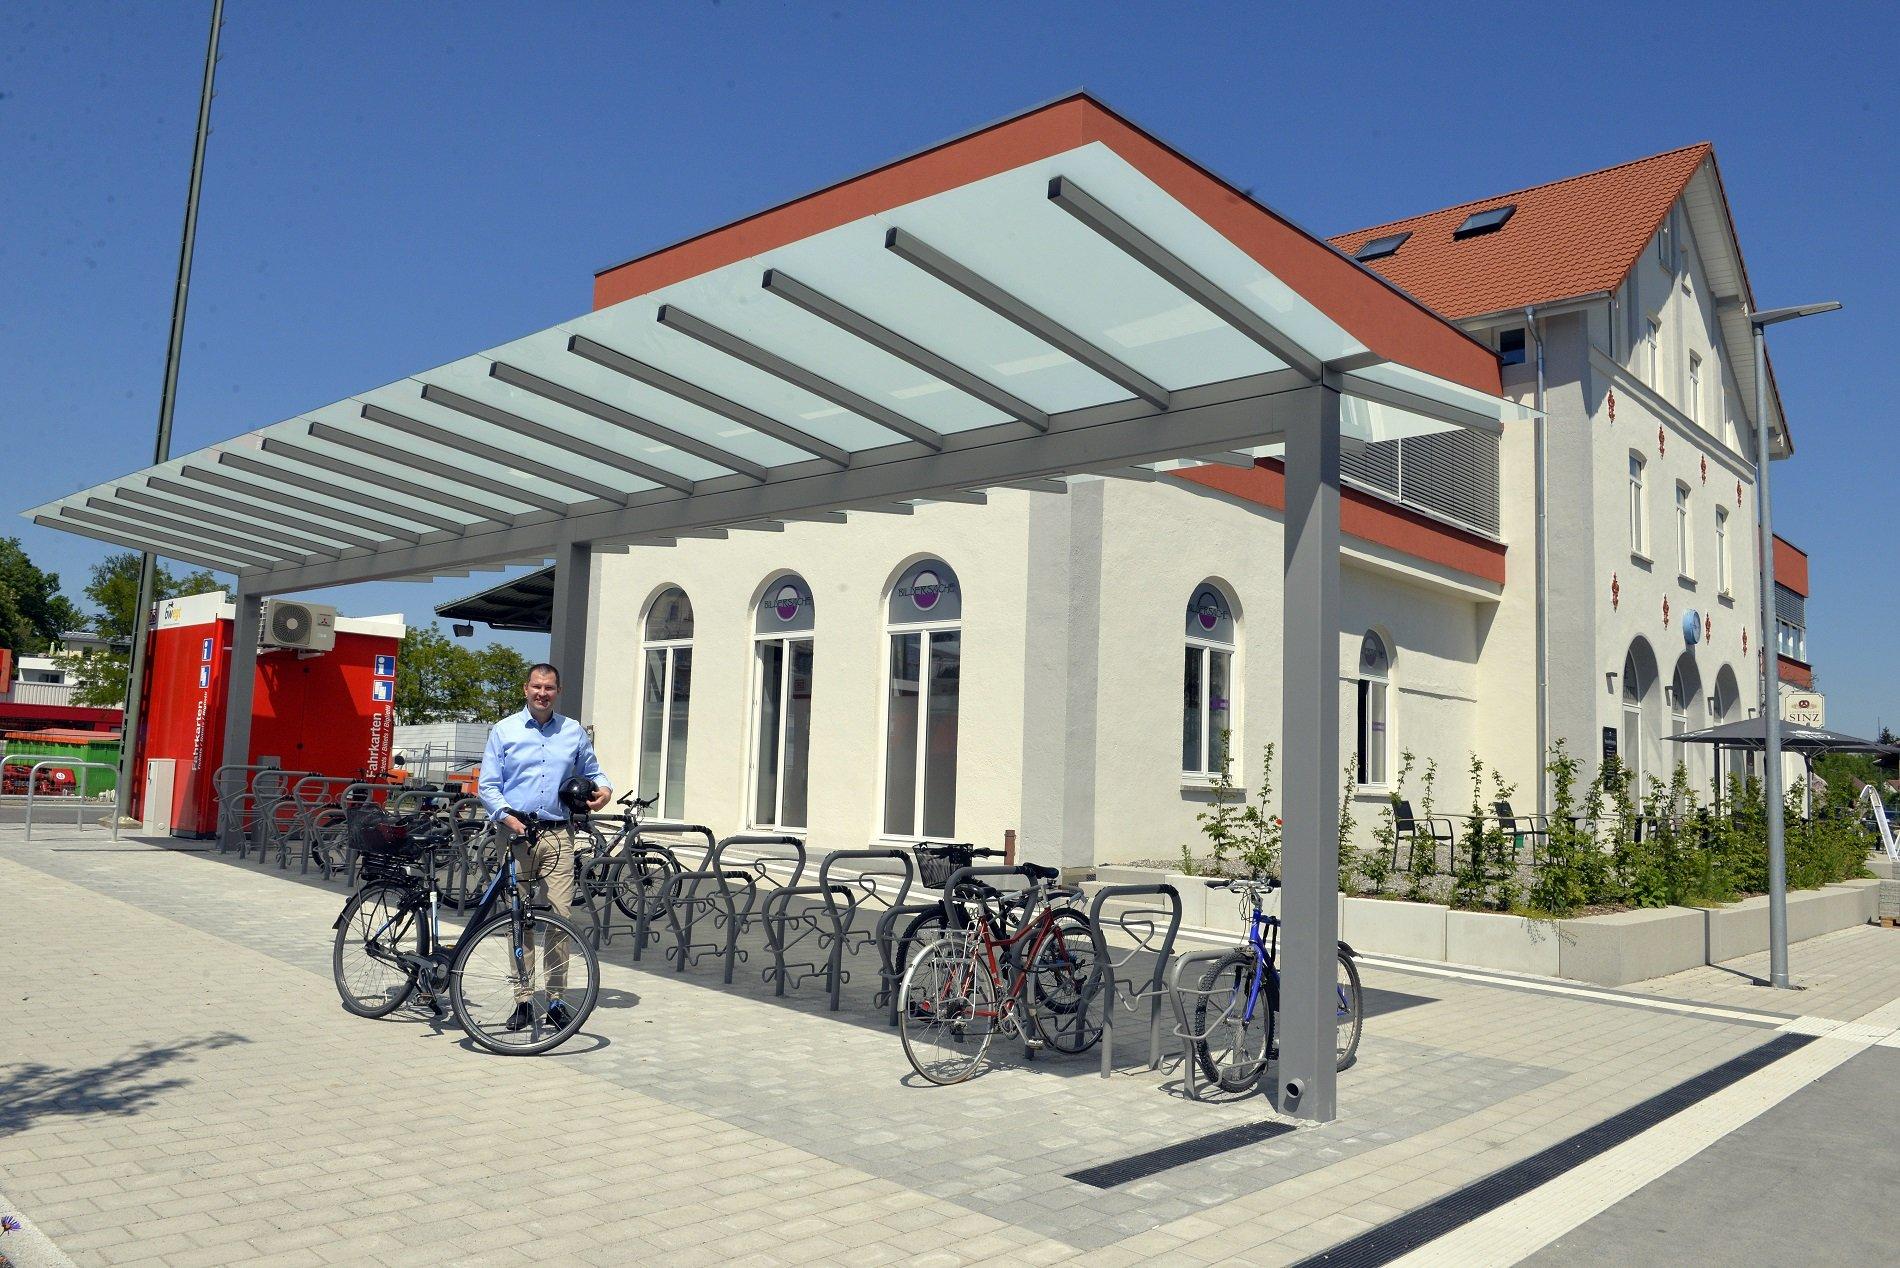 Bahnhof mit Fahrradfahrer Bad Waldsee